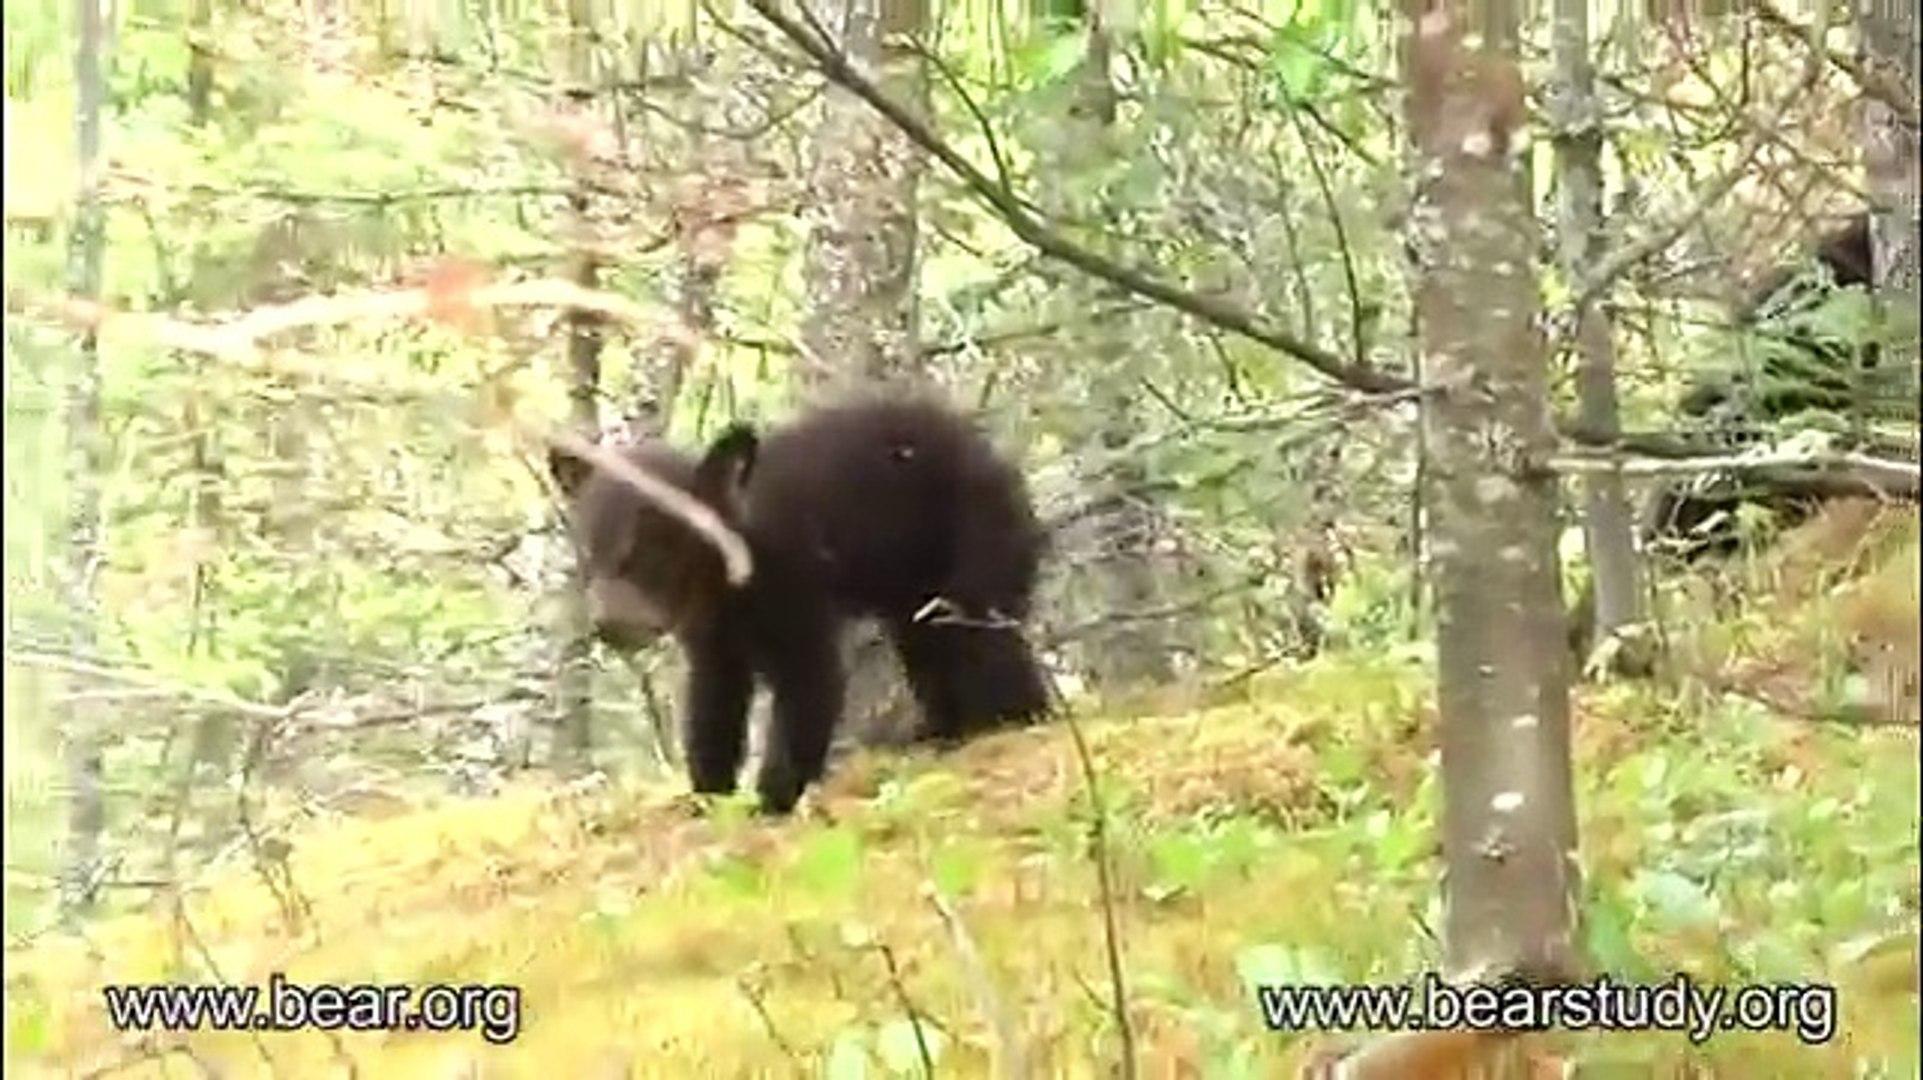 May 22, 2012 - Jewel the Black Bear - Family of Three